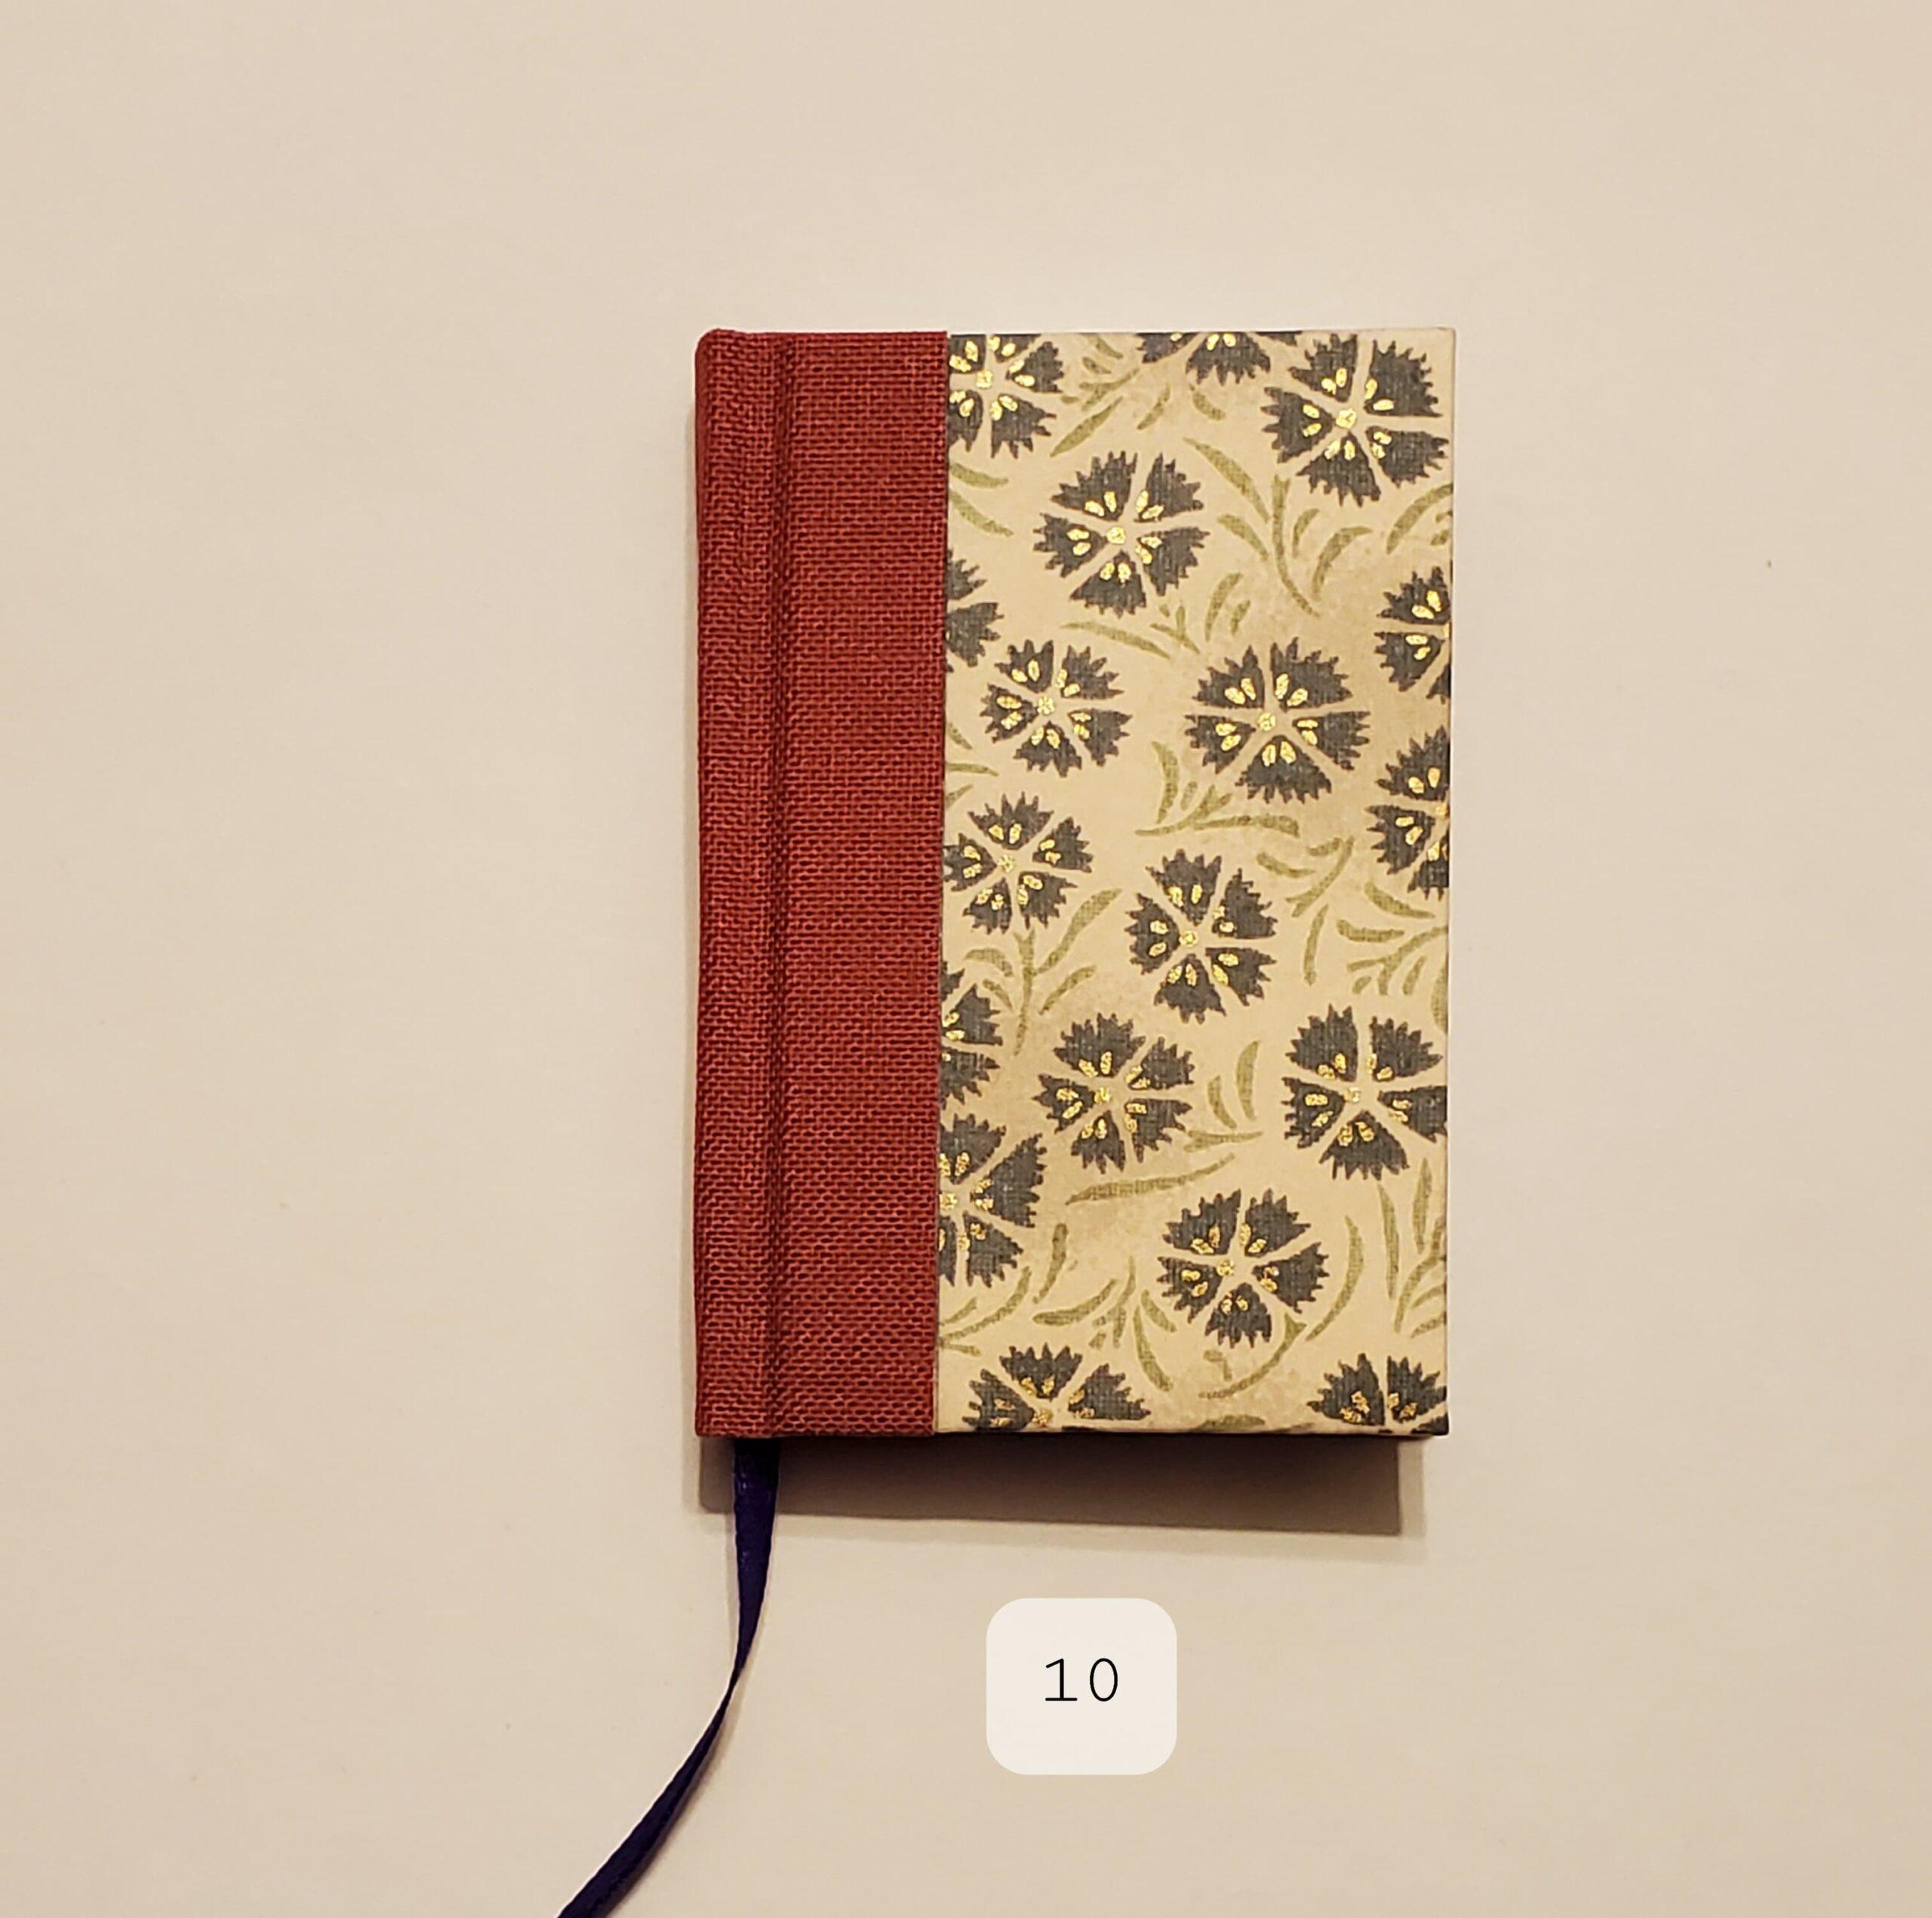 Japanese Journal 10